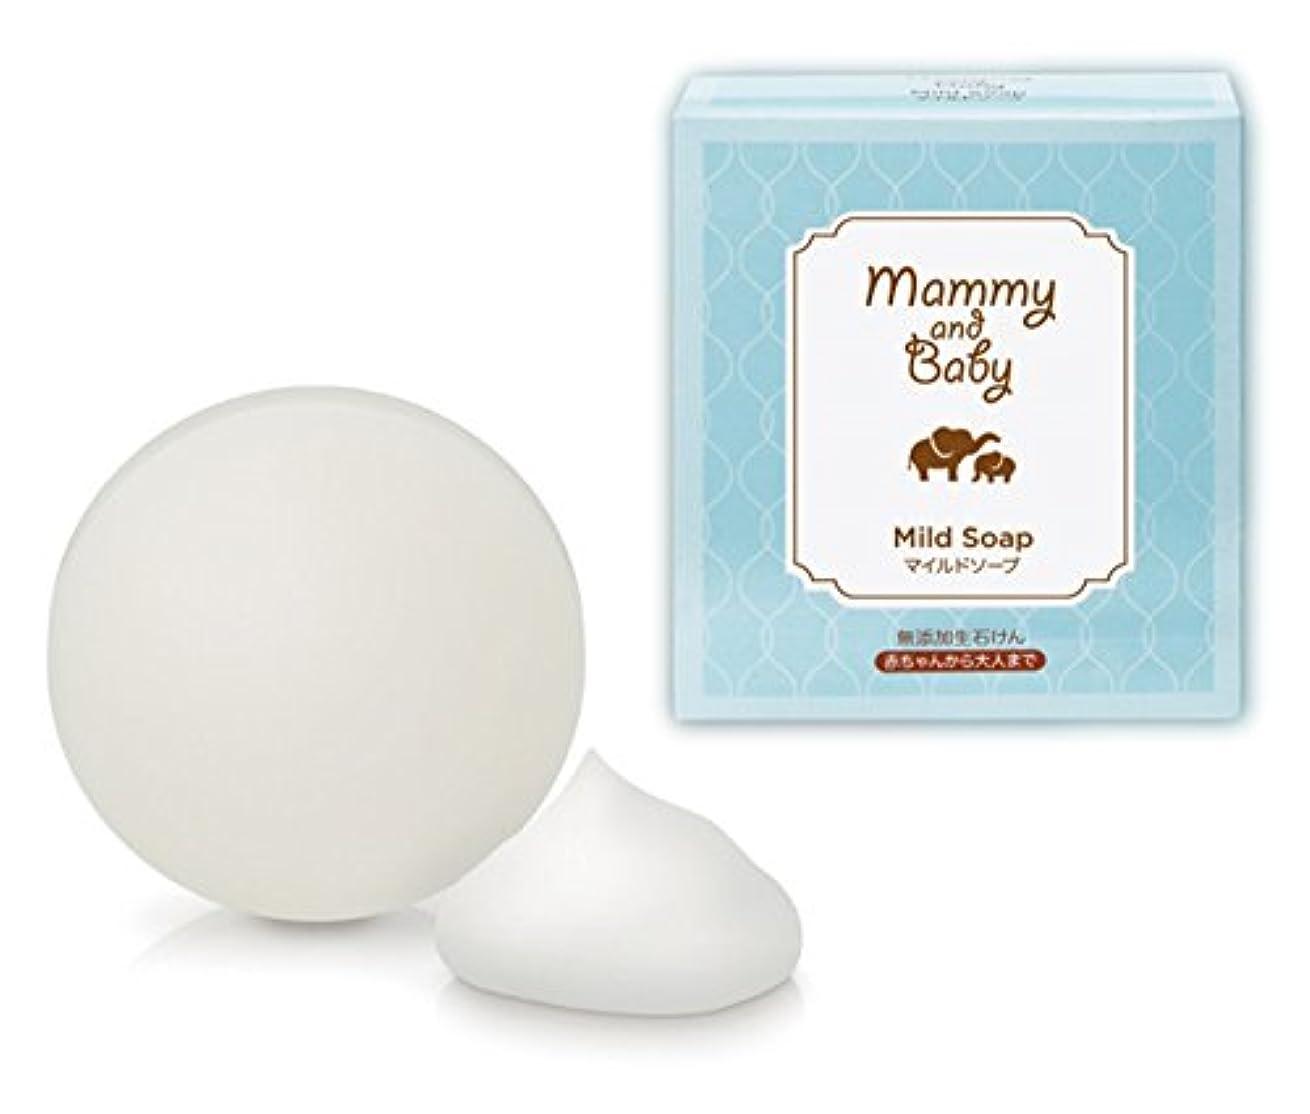 トラップ武器純度Mammy & Baby マイルドソープ 無添加生石鹸 2個組